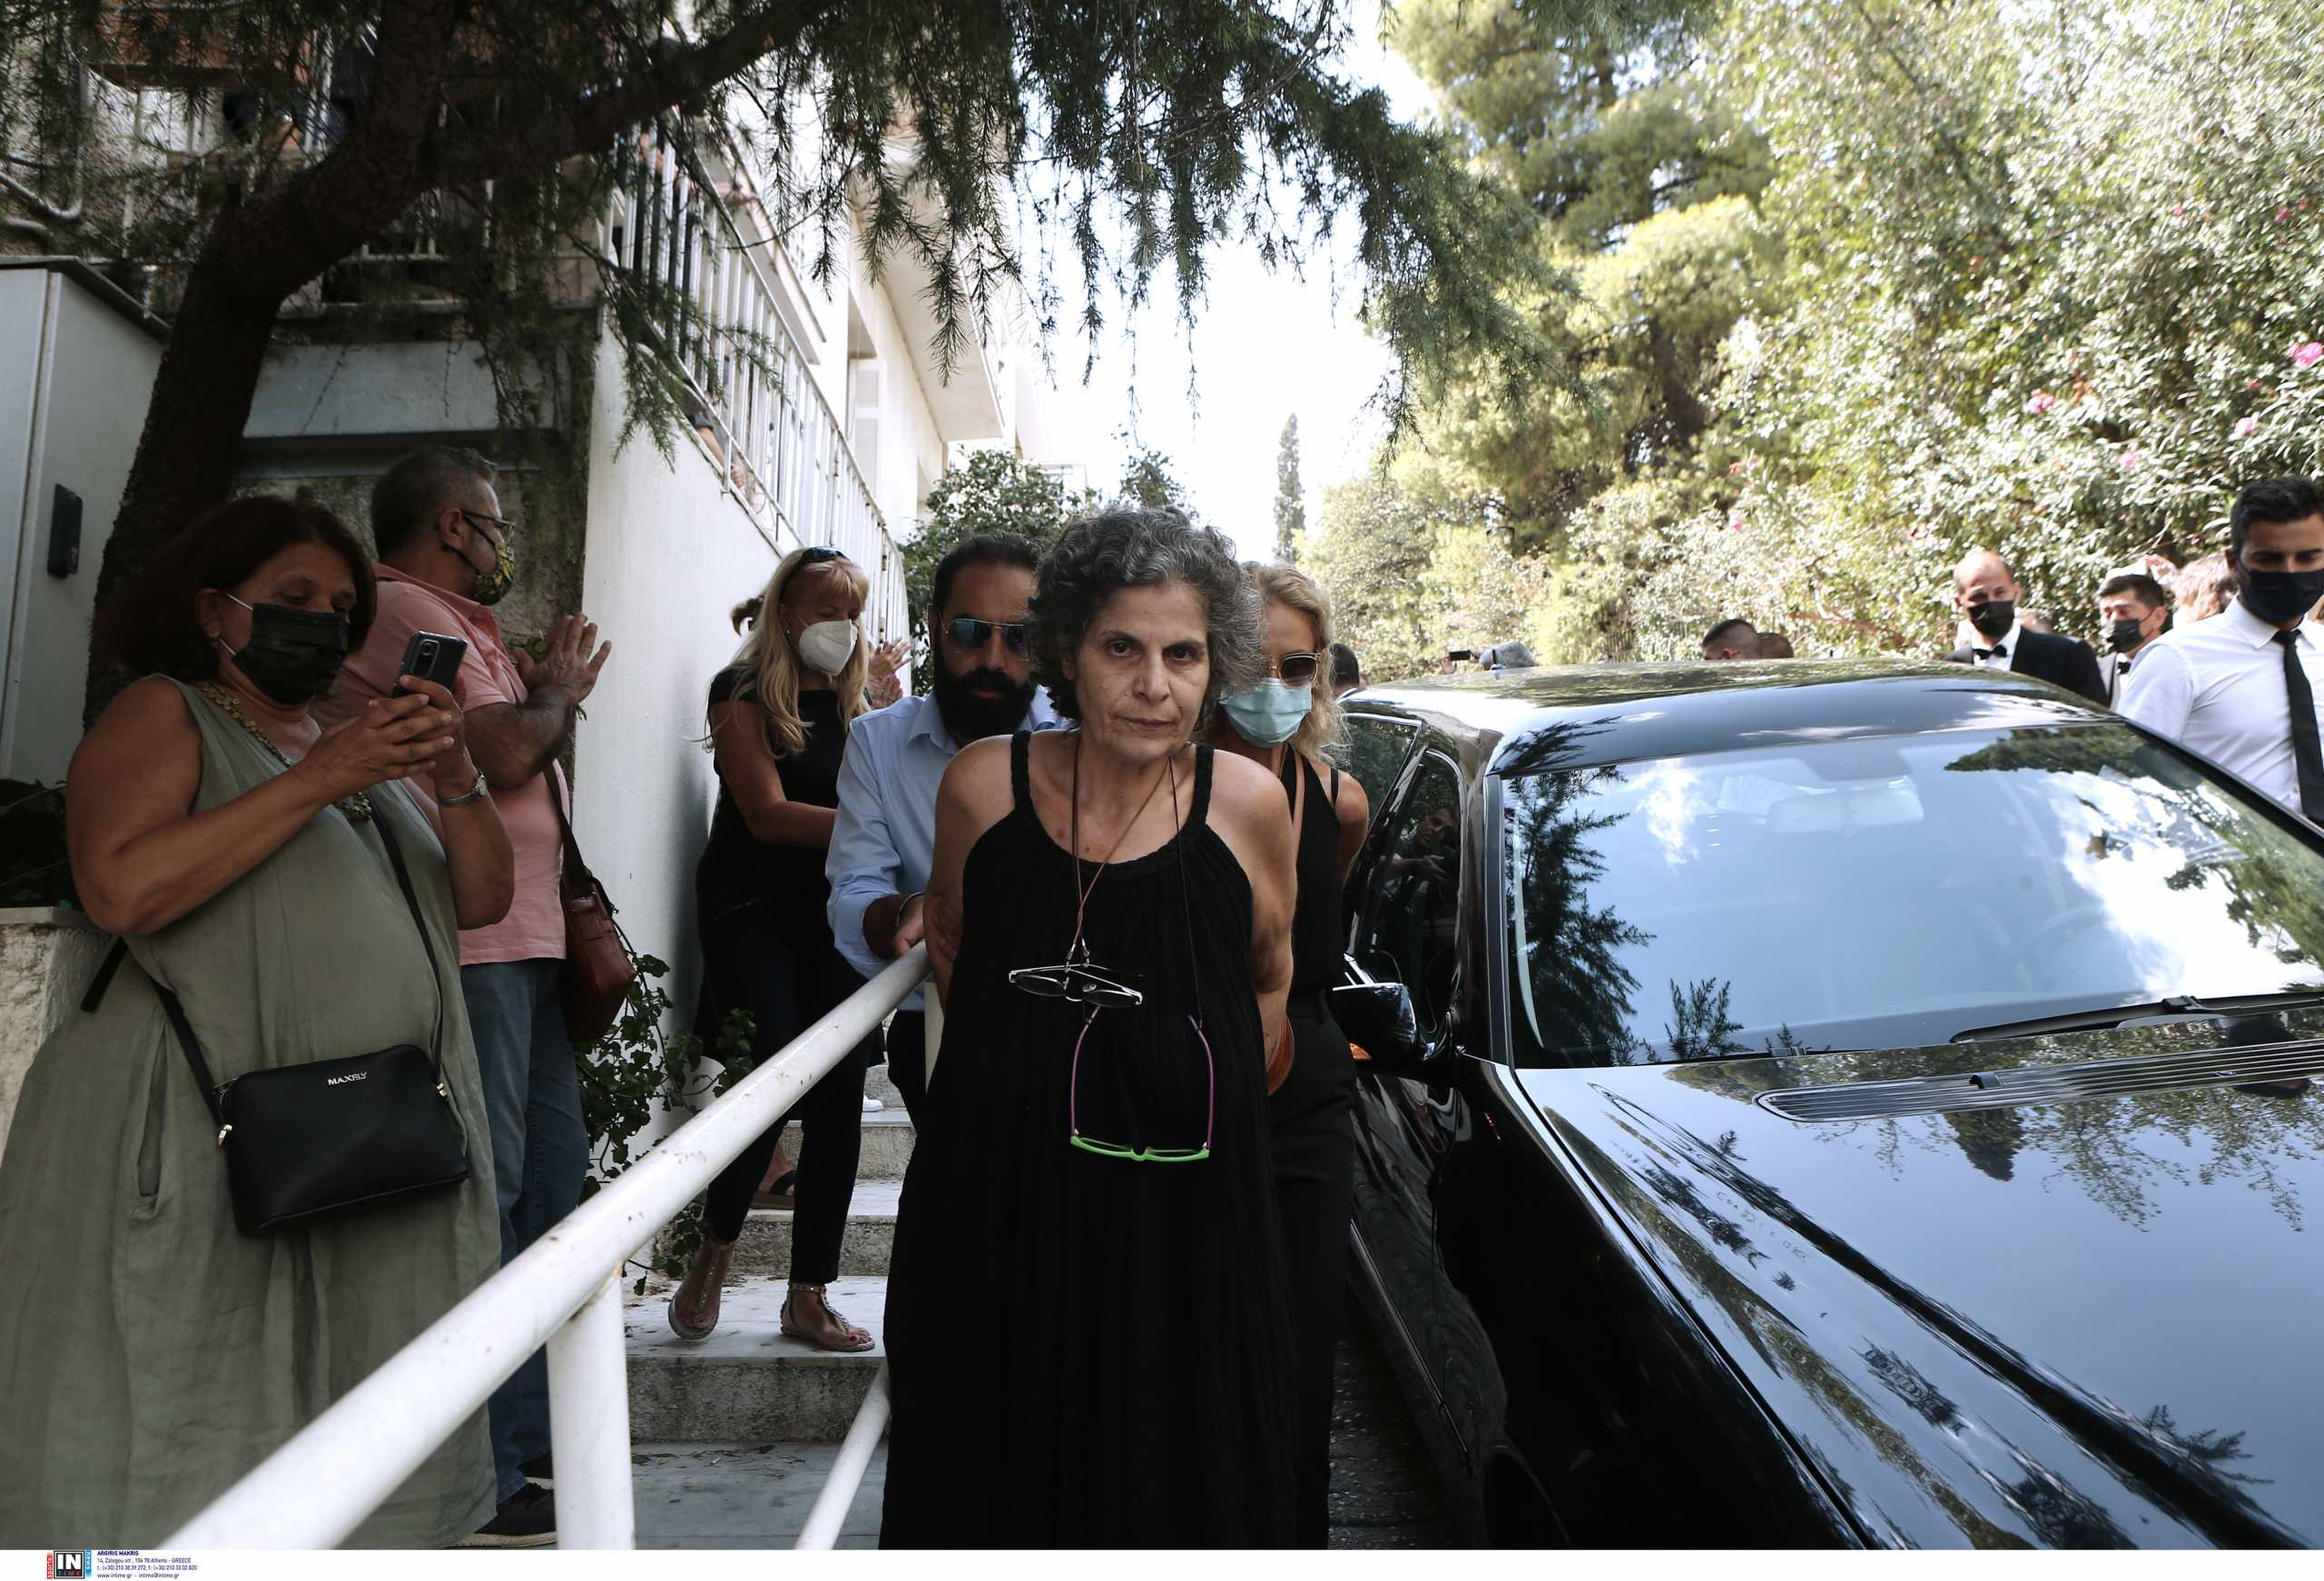 Μαργαρίτα Θεοδωράκη: Εσπευσμένα στο νοσοκομείο της Αλεξανδρούπολης